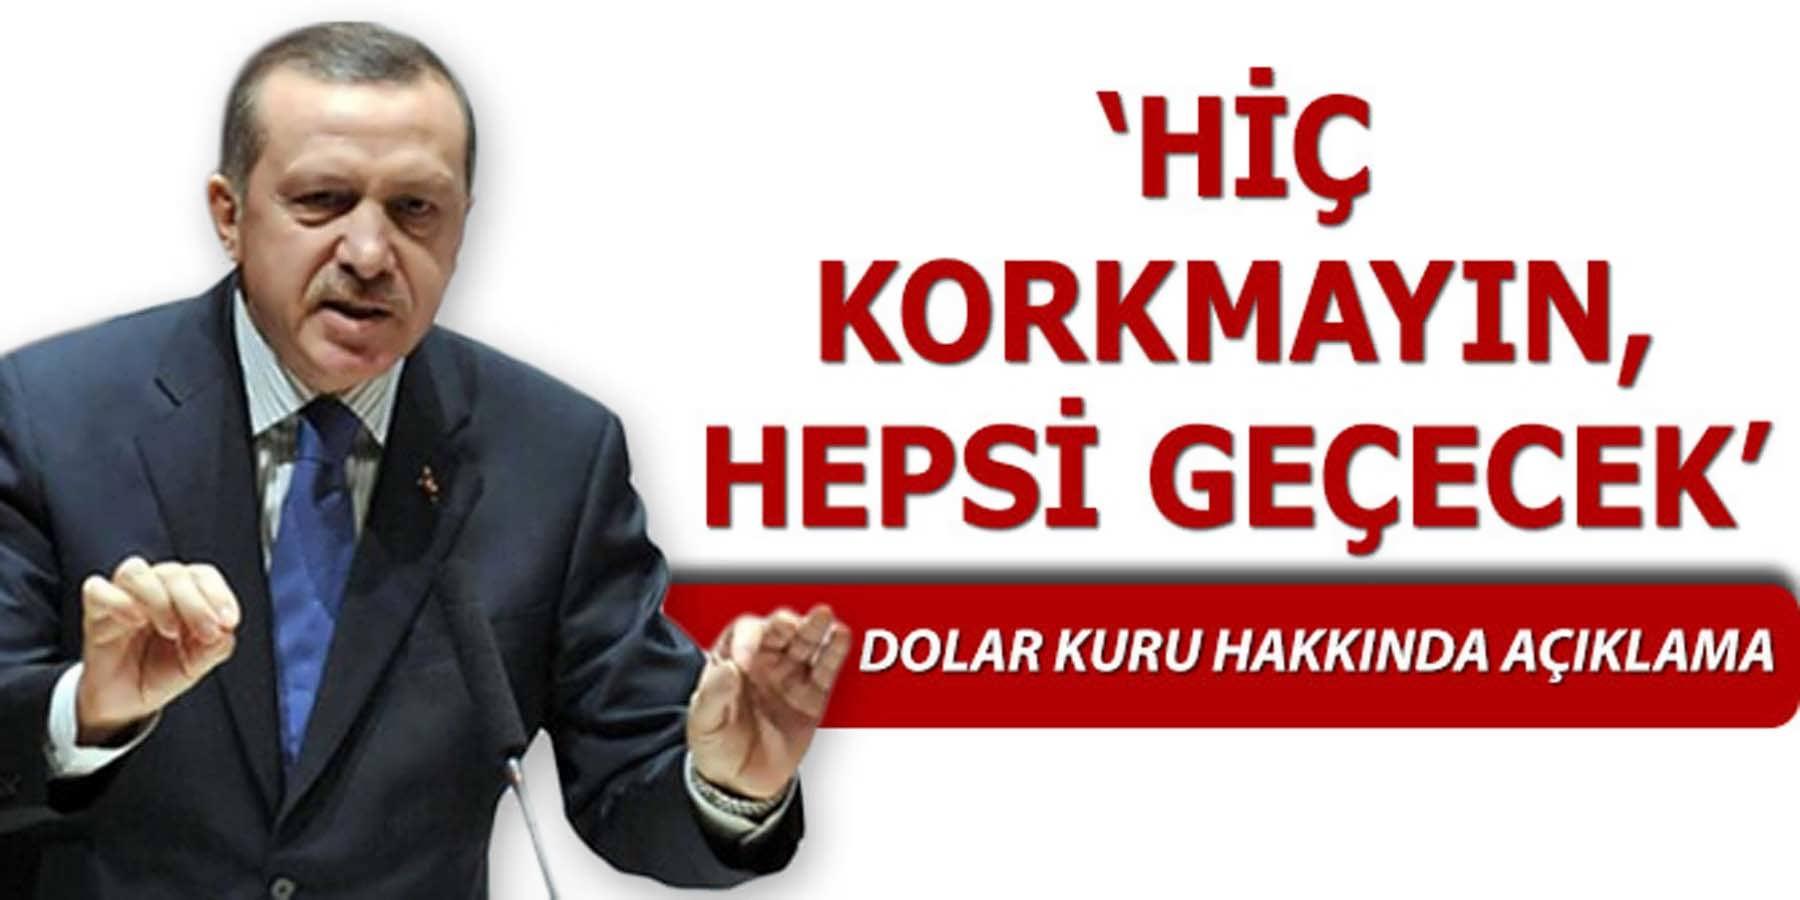 Erdoğan İş Dünyasına Olumlu Telkinlerde Bulundu